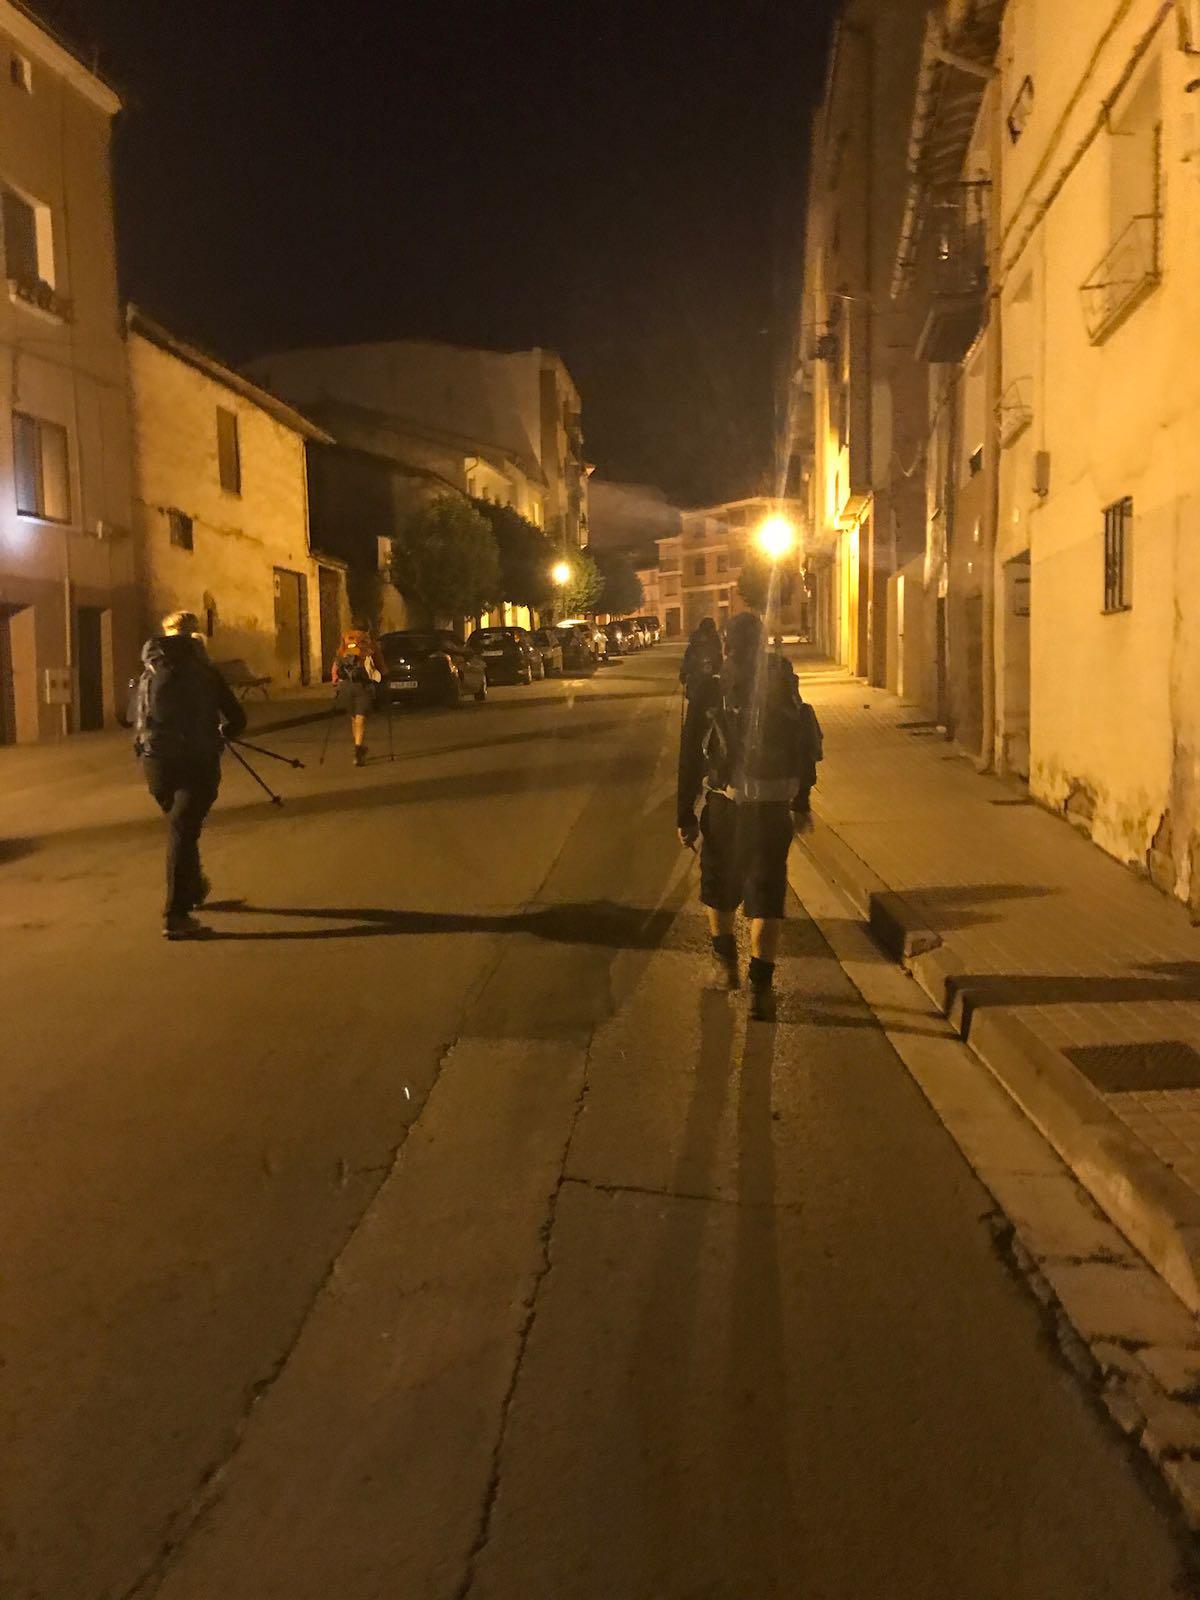 Walking through town before sunrise